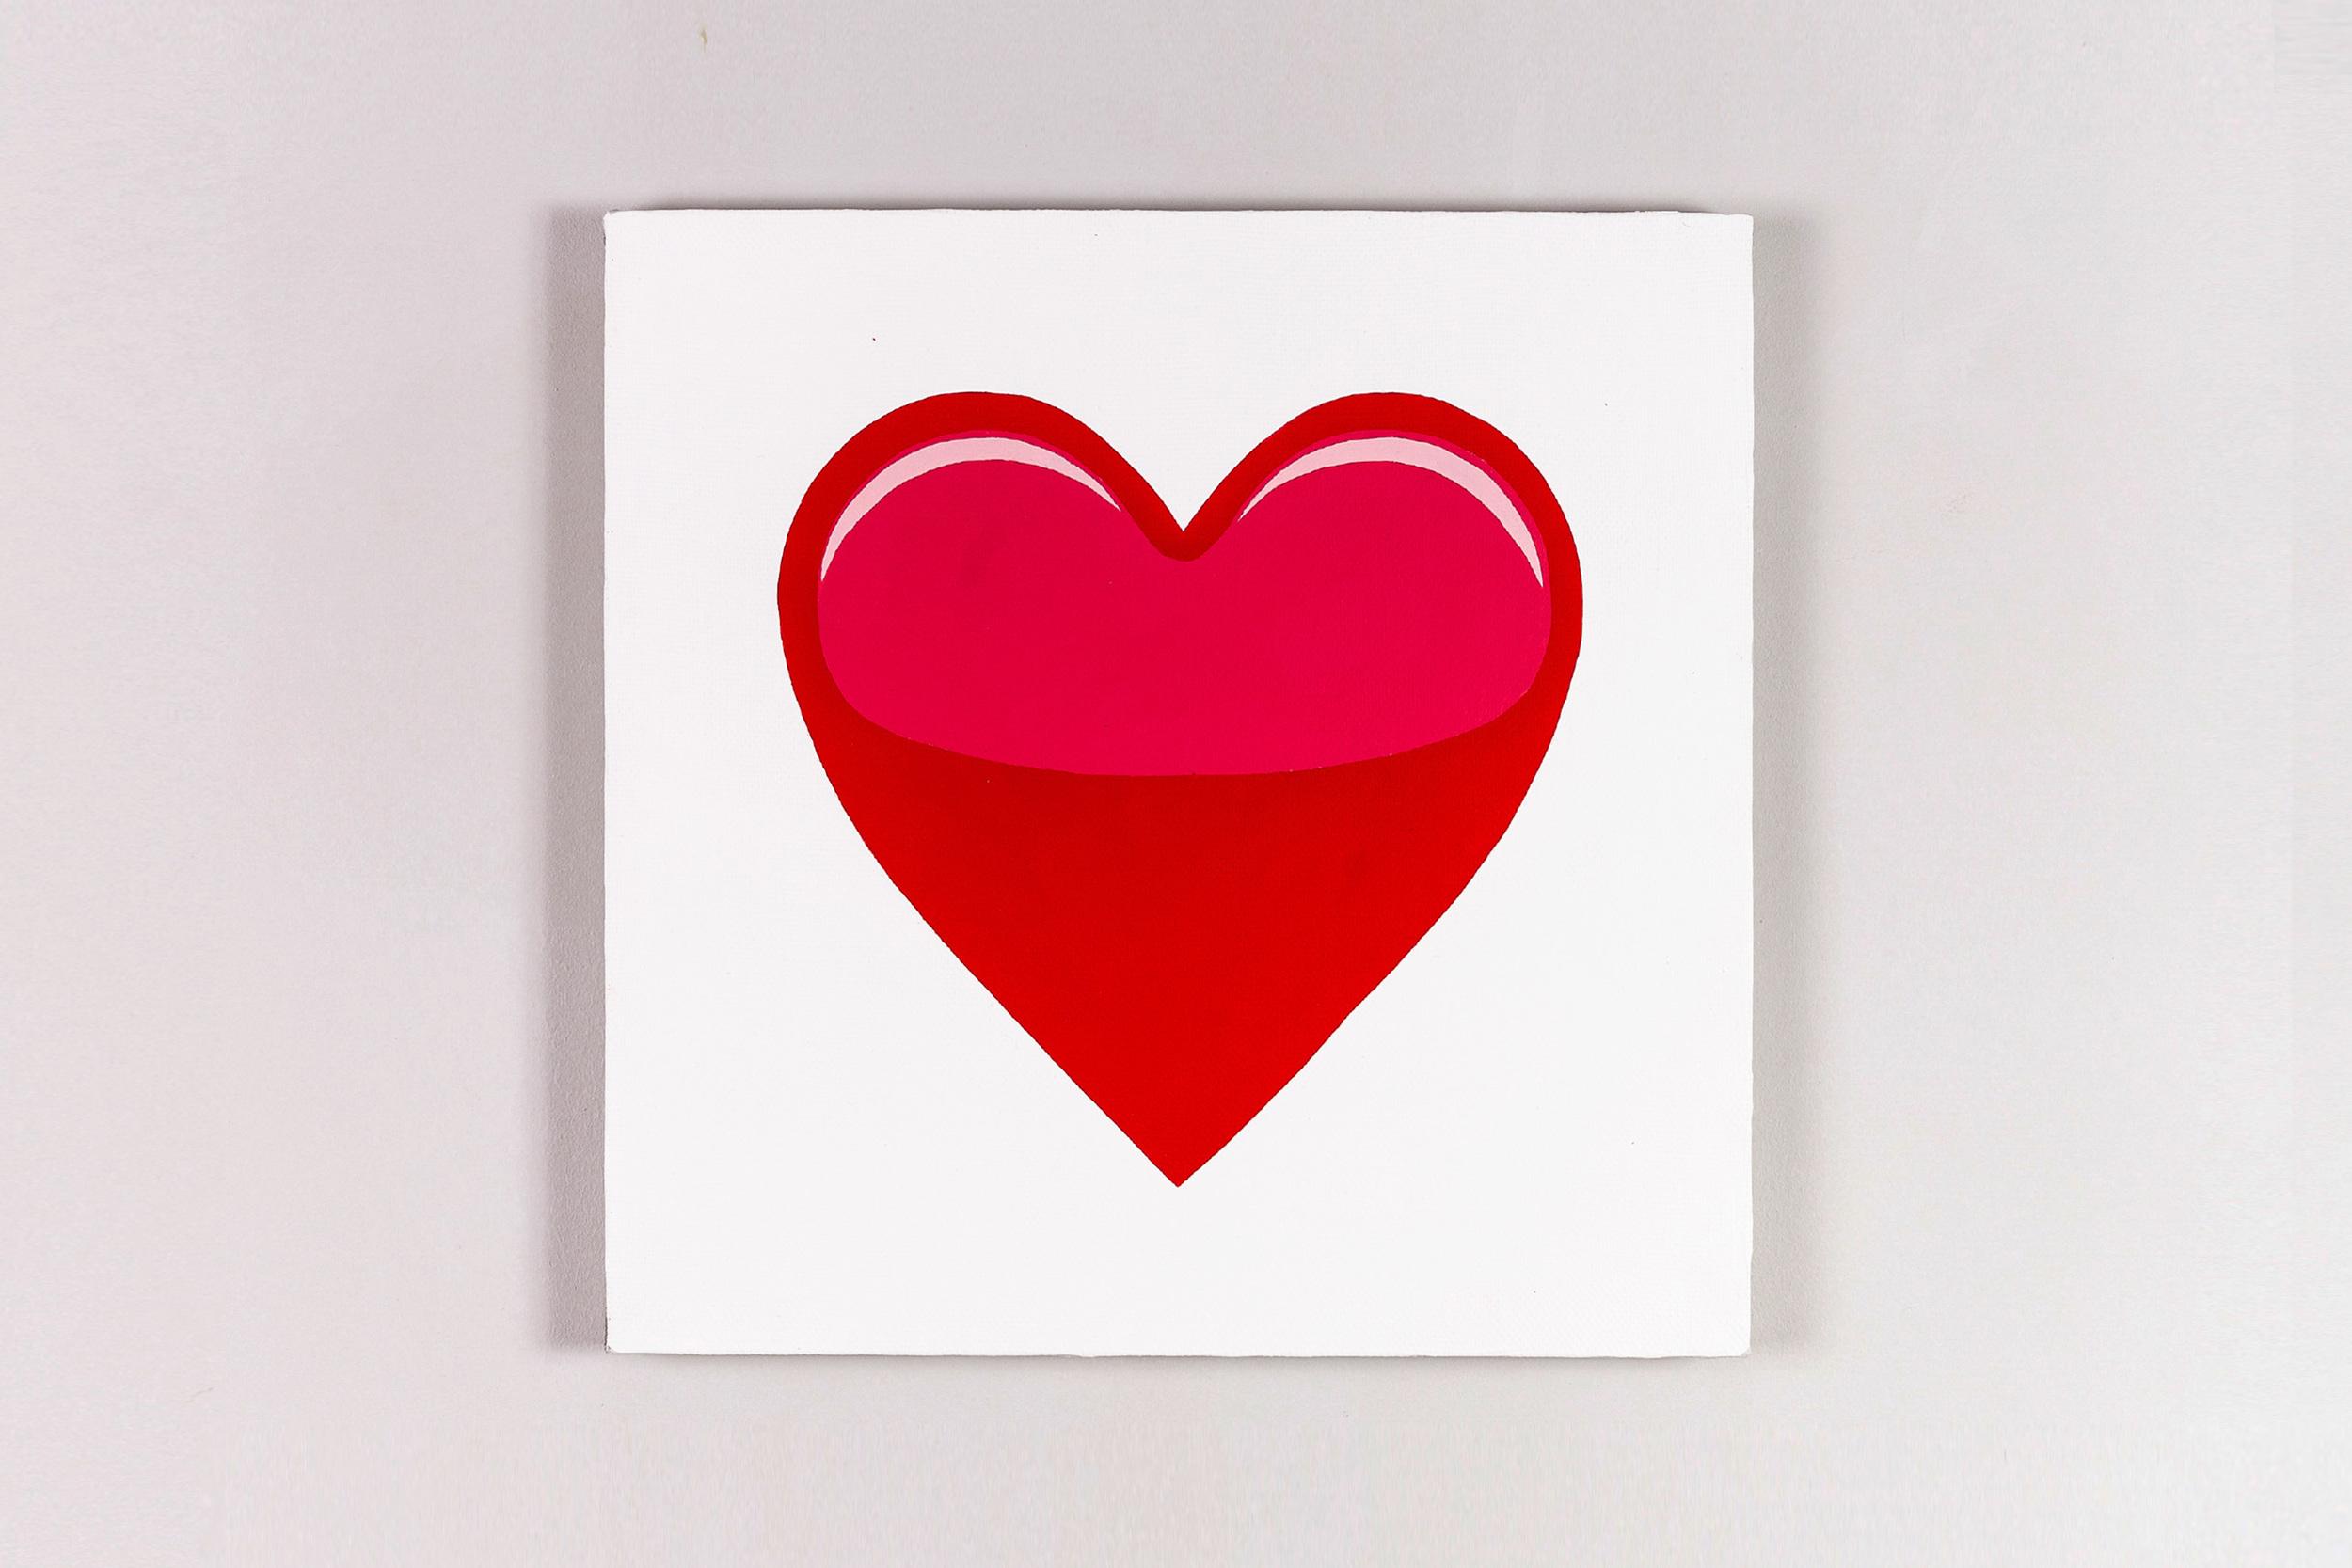 #love ❤️